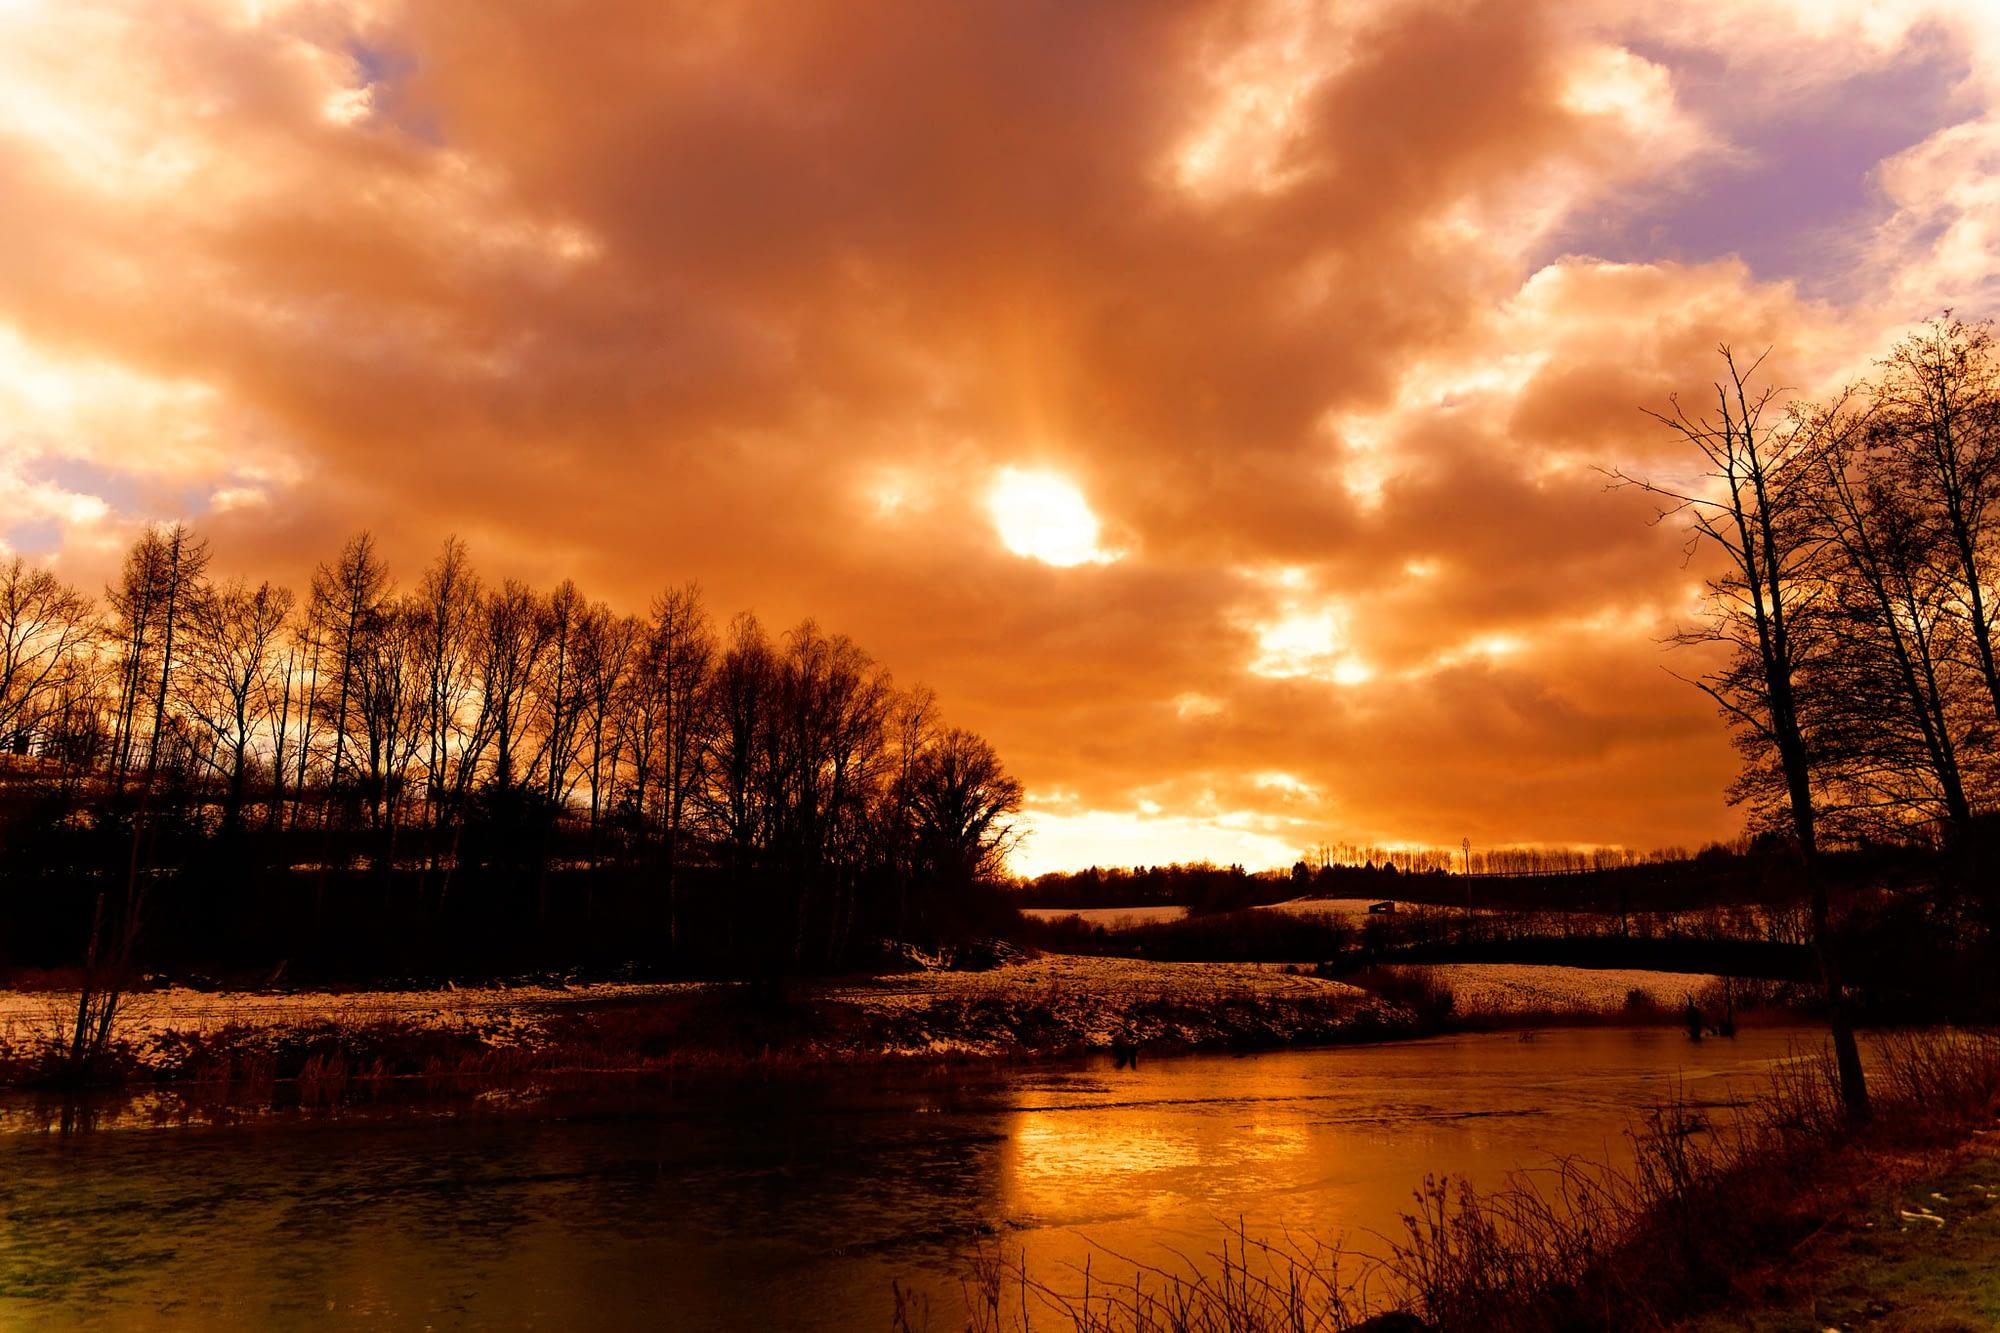 Lac et coucher de soleil Stéphane Thirion etix photographe